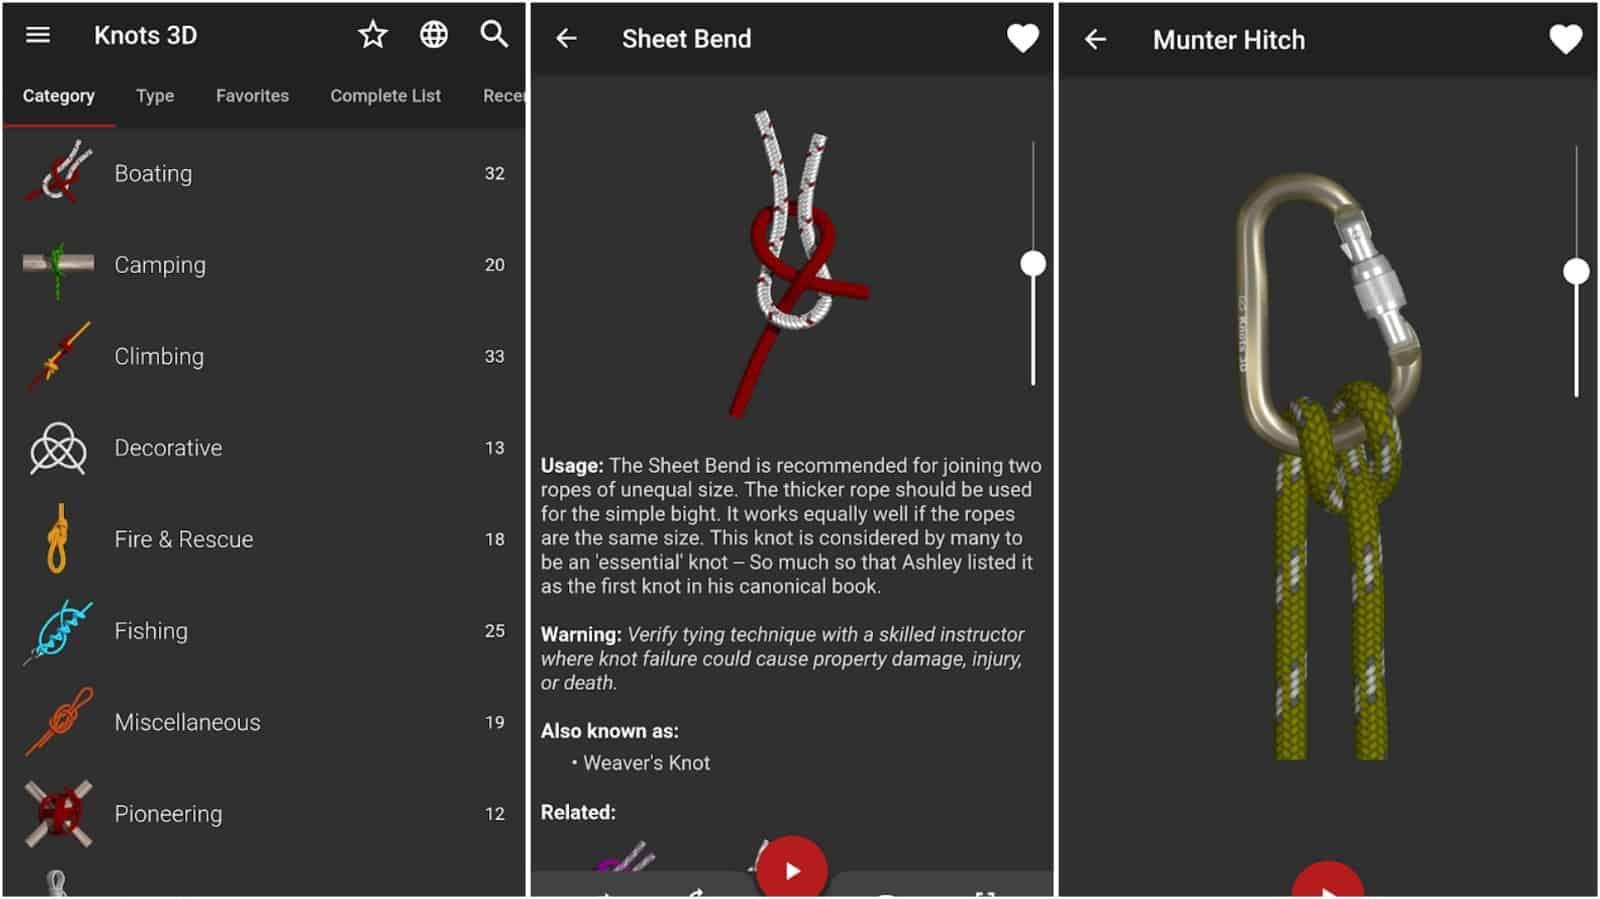 Knots 3D app grid image